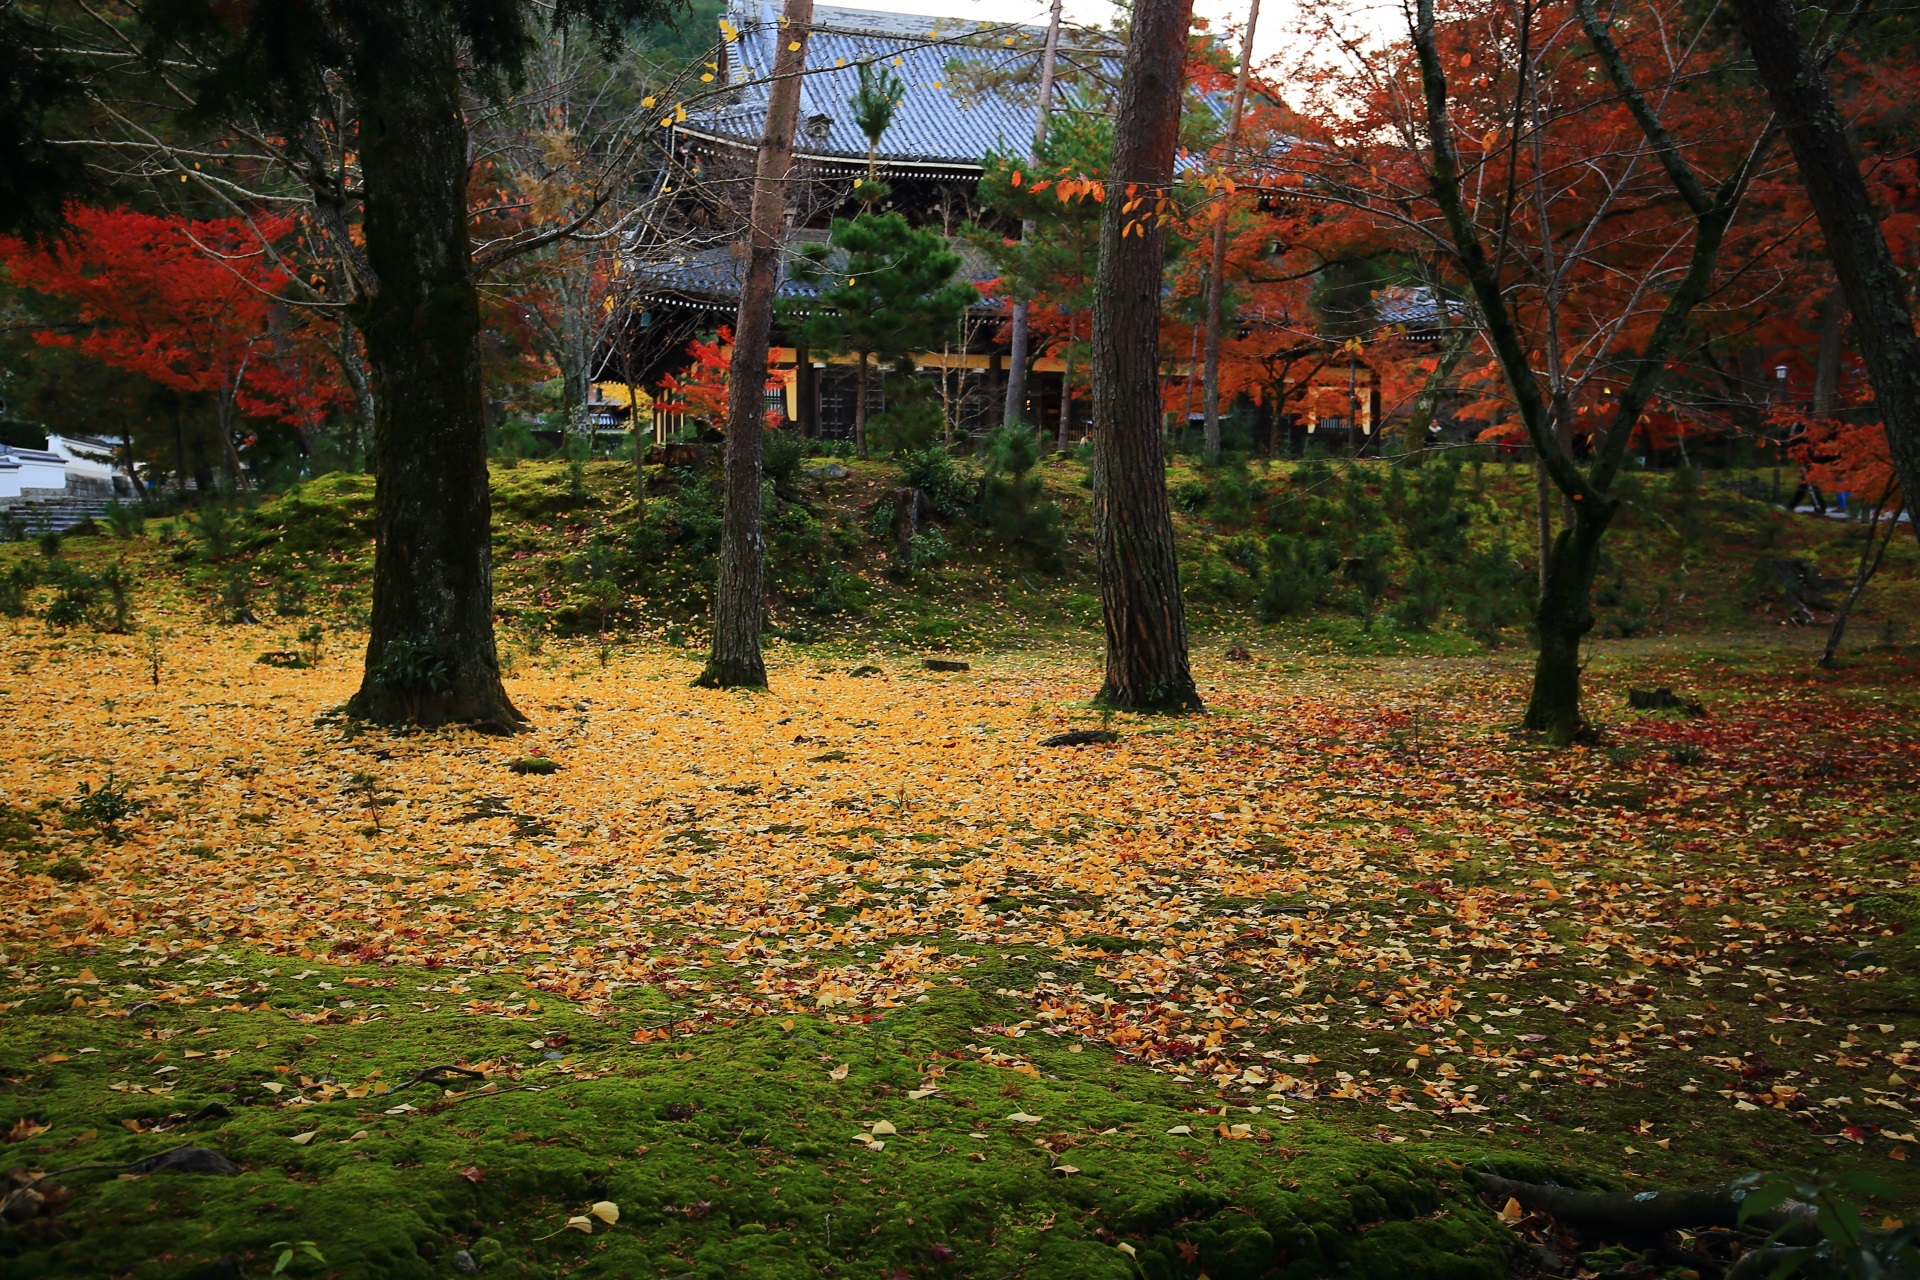 南禅寺の法堂前の苔を染める散り銀杏と紅葉